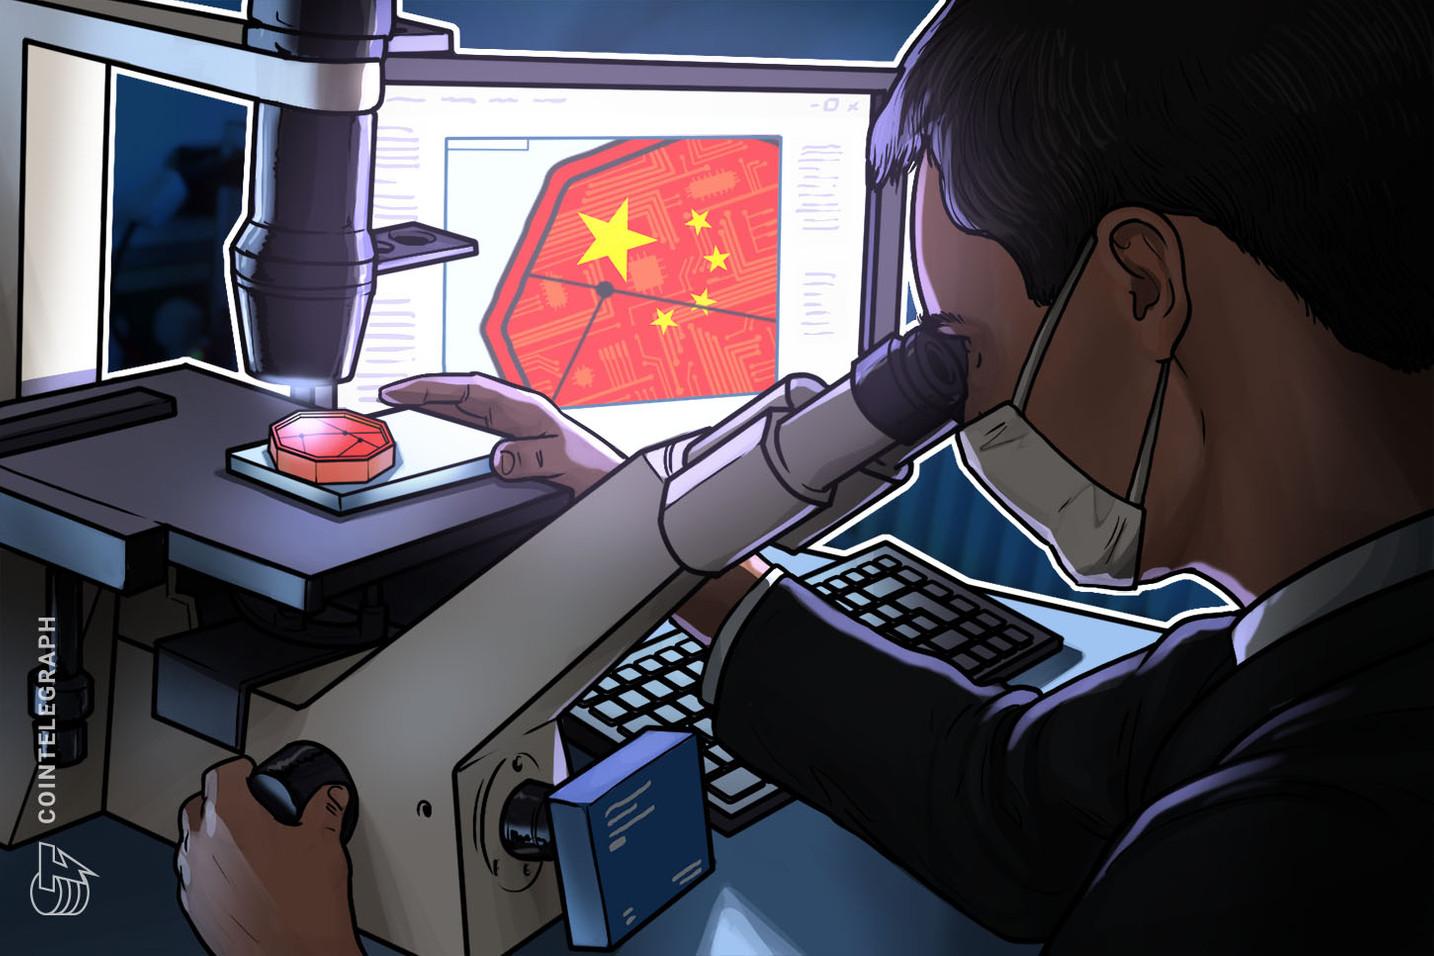 중국의 디지털 위안  연구, 코로나바이러스로 인해 지연되고 있어